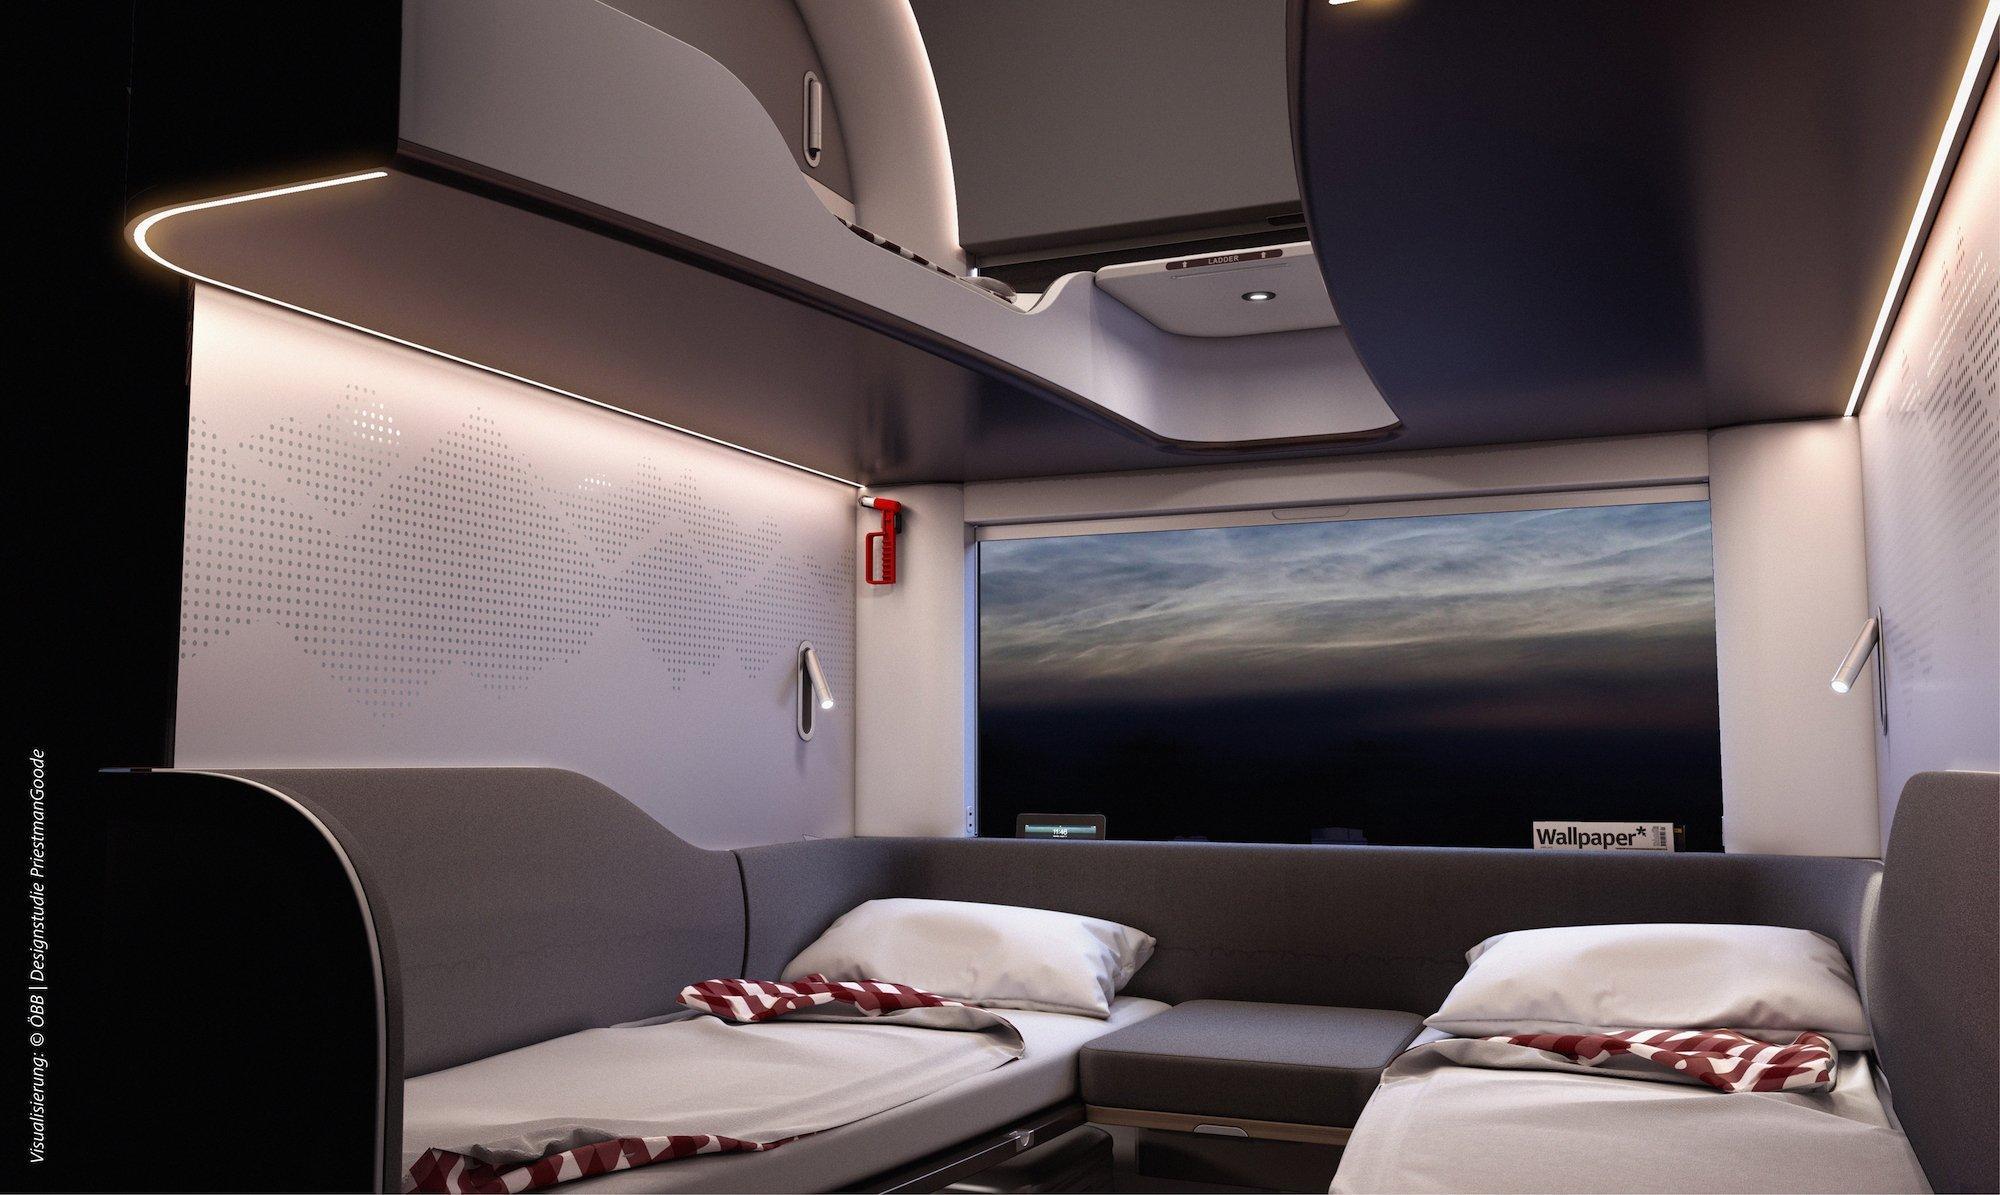 Ein modernes Schlafabteil in einem Zug mit vier Betten. Zwei auf normaler Höhe, zwei weiter oben an der Wand befestigt. Alles ist in eher schlichten Grautönen gehalten.